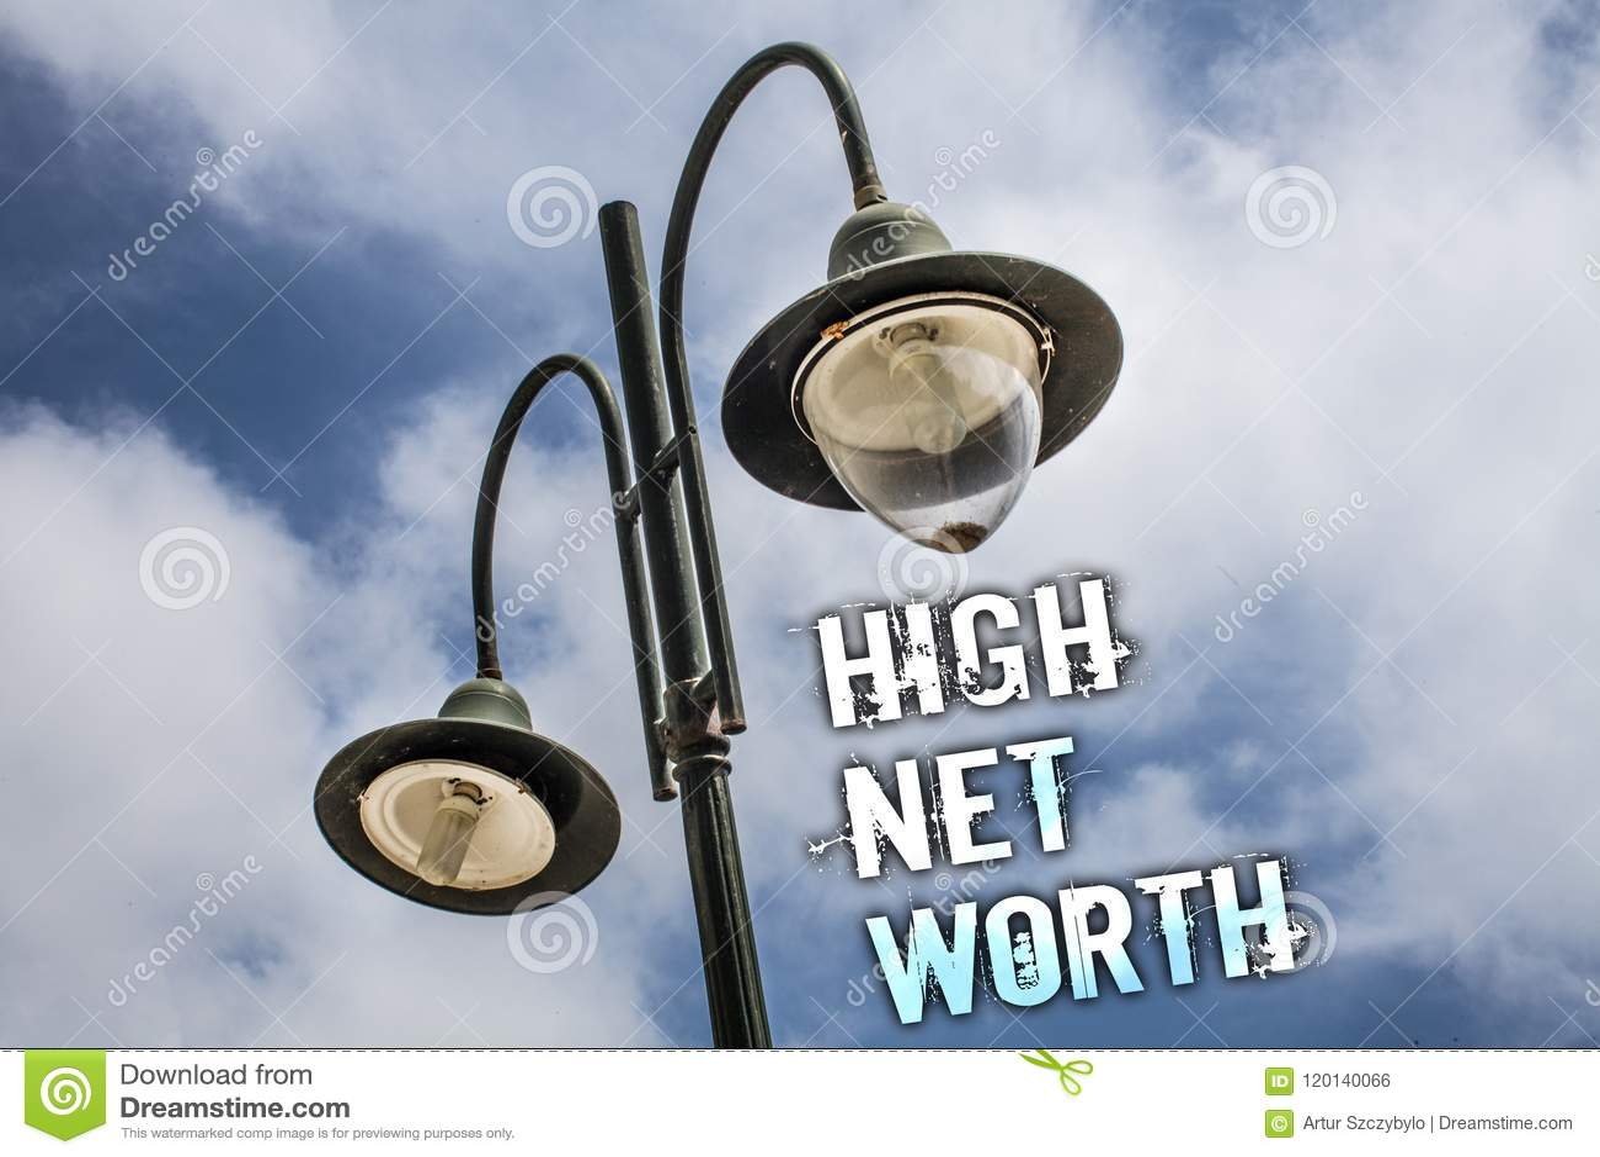 Teksta szyldowy pokazuje Wysoki Netto Worth Konceptualna fotografia cenna mieć Coś drogi klasy firmy Dwoistego światła poczta nie